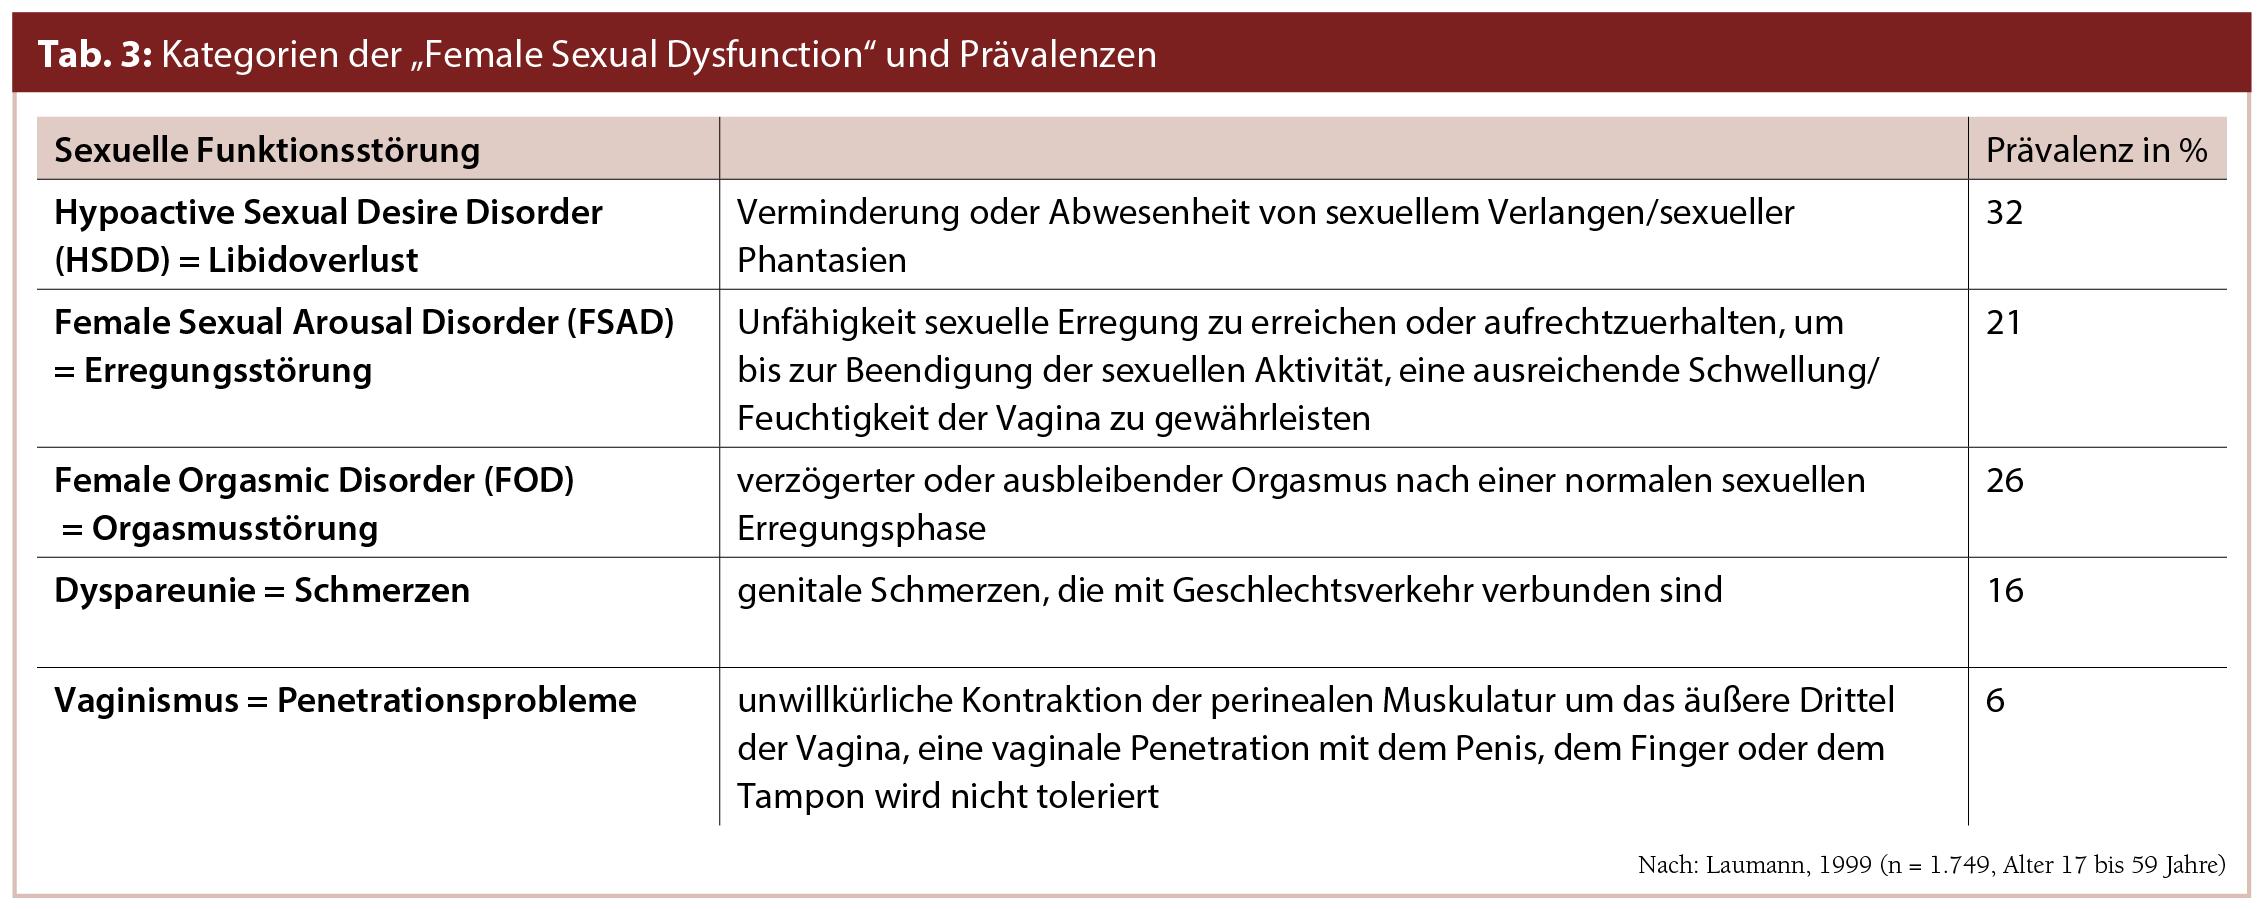 Therapie der weiblichen sexuellen Dysfunktion | Gyn-Aktiv | MedMedia